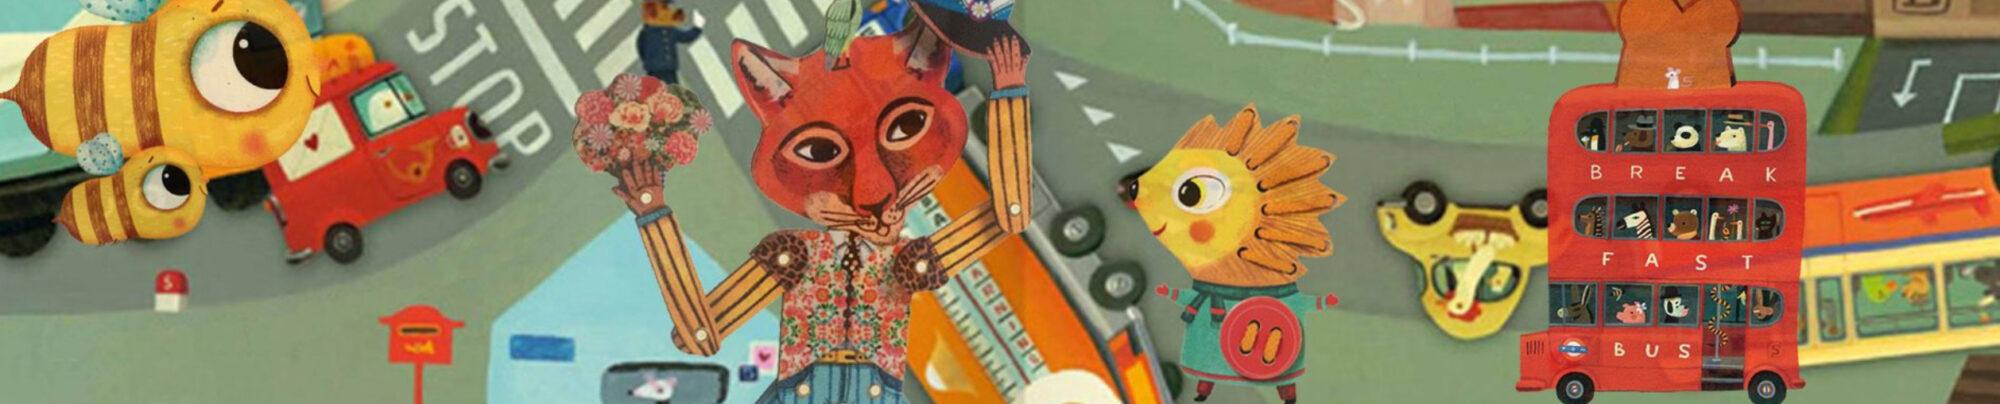 320 kinderen van Stichting Leergeld Apeldoorn-Voorst mogen gratis online speelgoed uitzoeken!